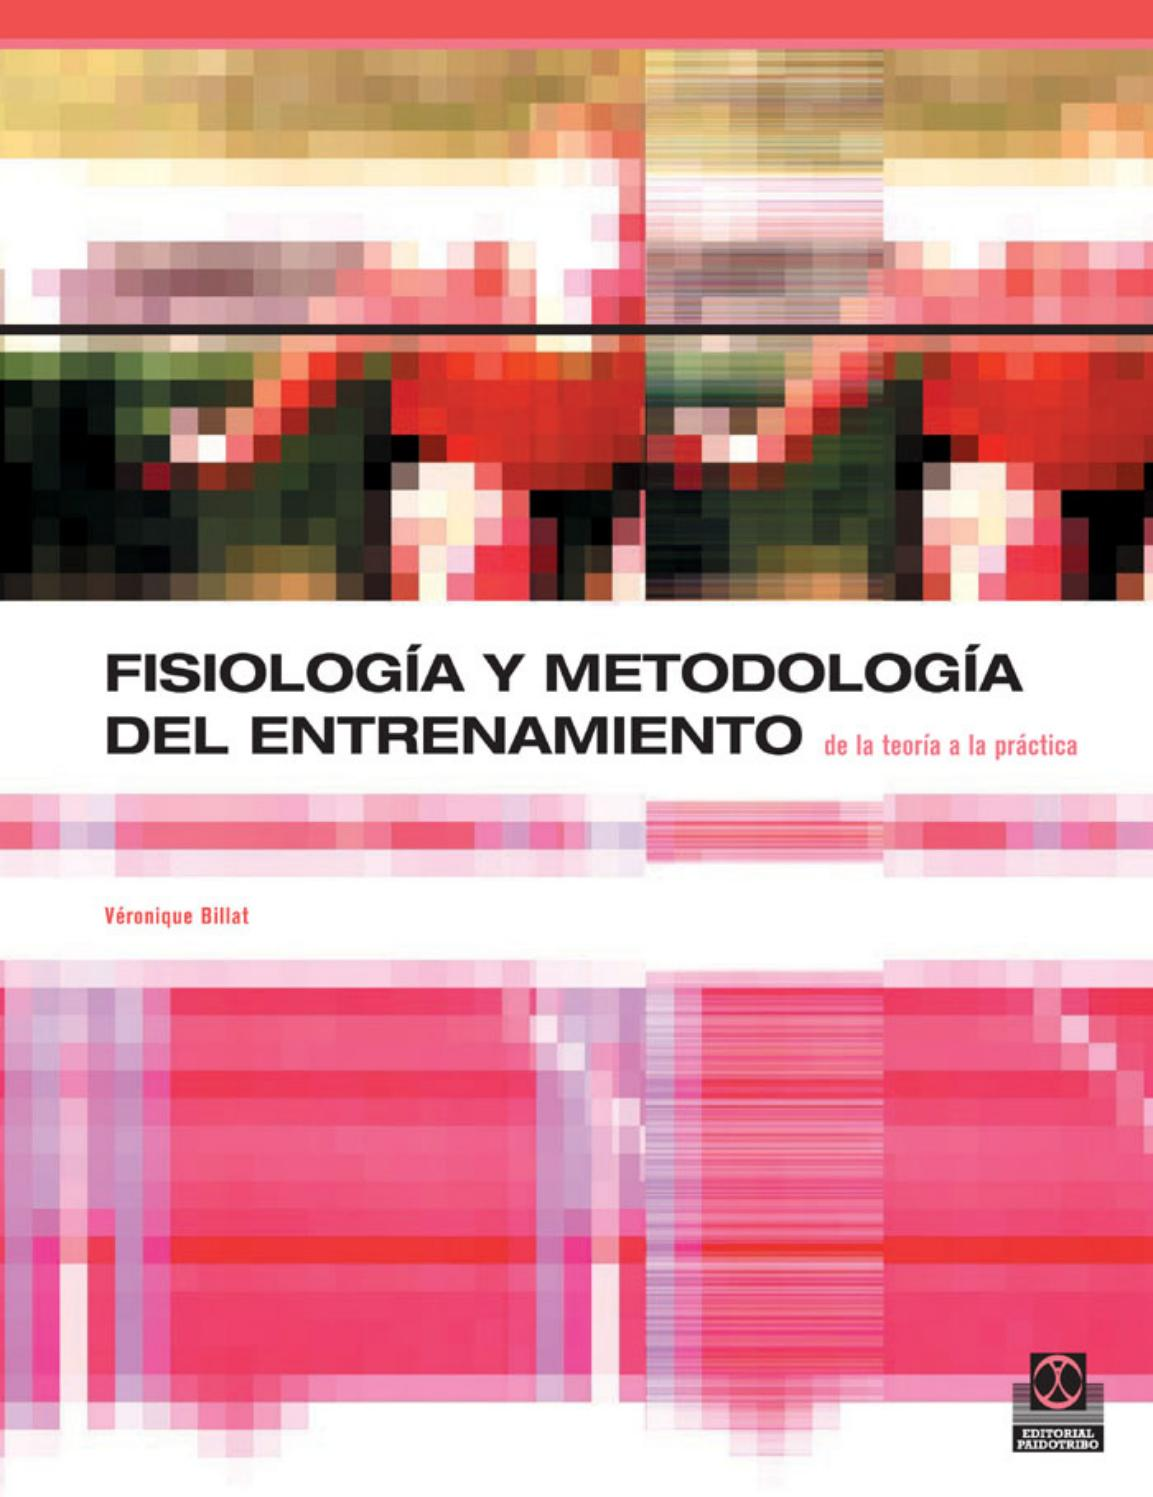 Fisiología y Metodología del Entrenamiento – Véronique Billat